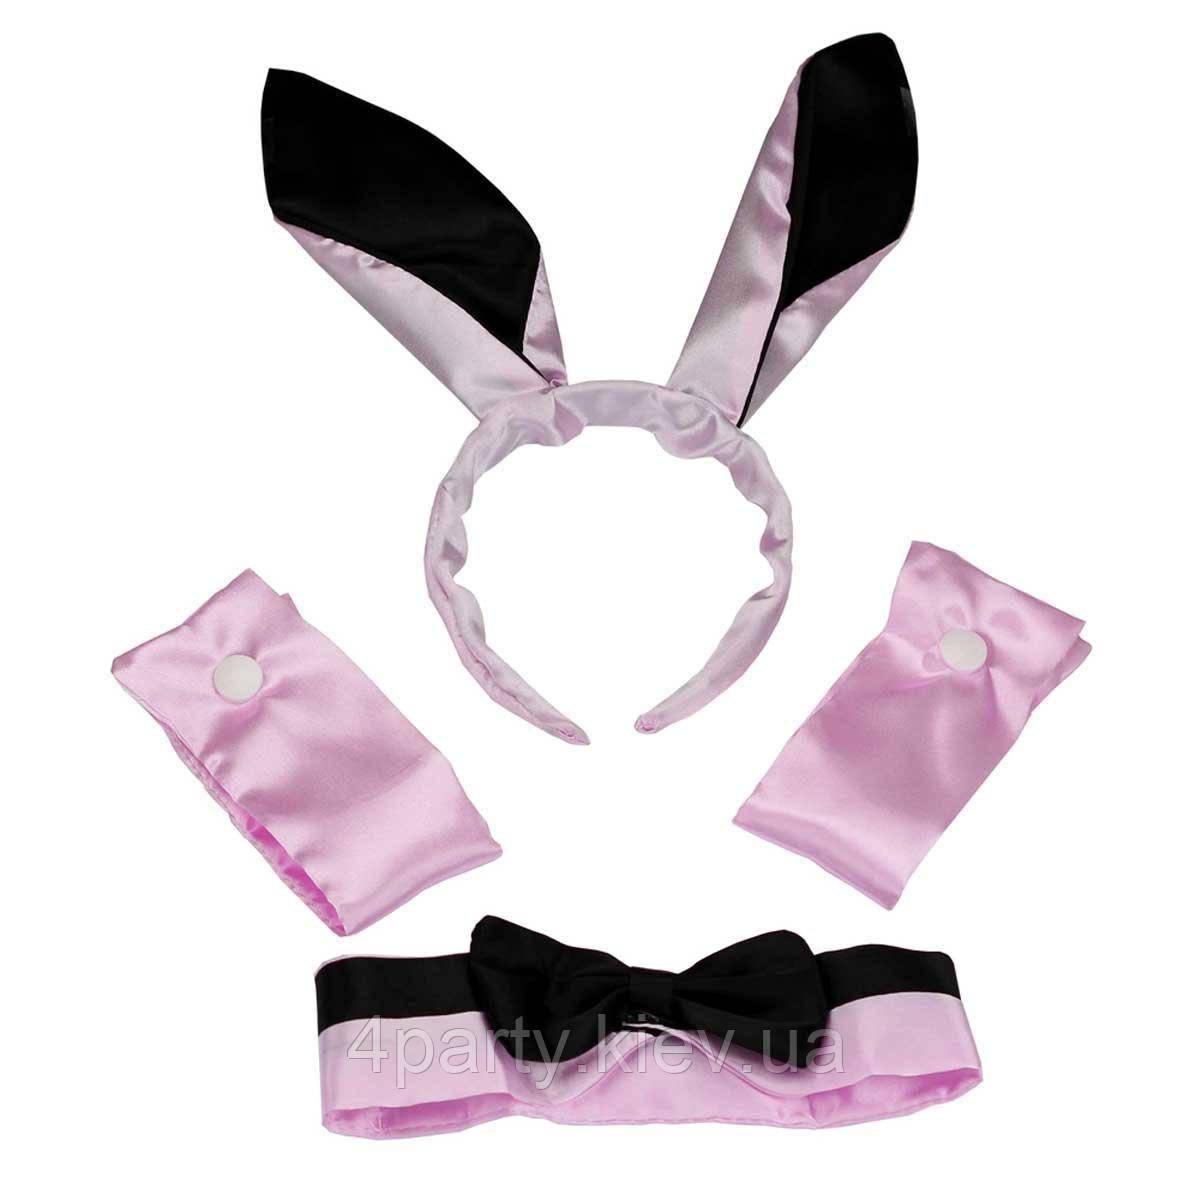 Набор Плейбой черно-розовый 250216-375